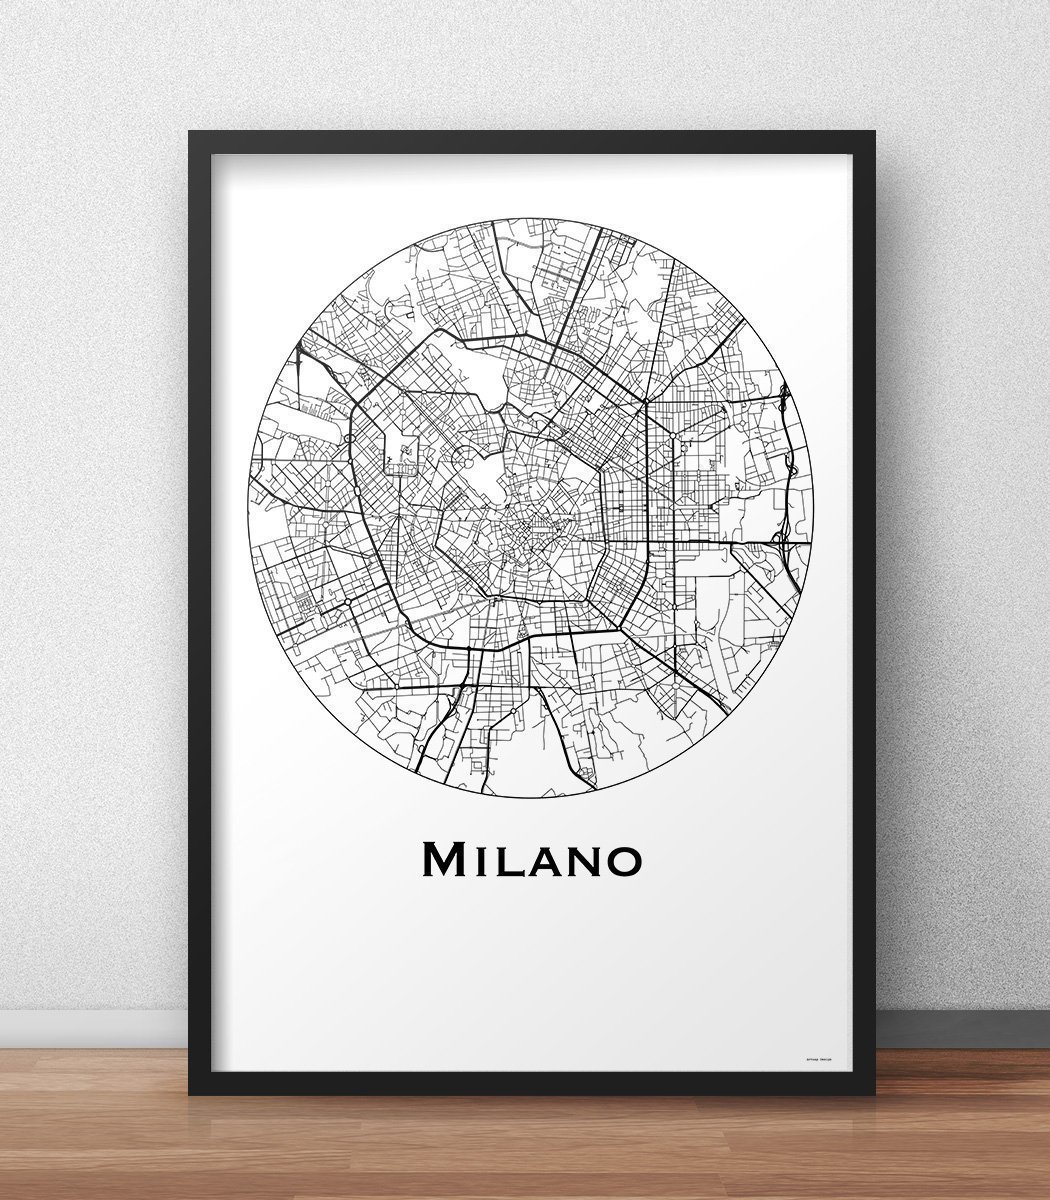 Poster Milano Italia Minimalista Mappa (A4, A3, A2) - Mappa della città, manifesto di Milano, stampa d'arte stampa d' arte